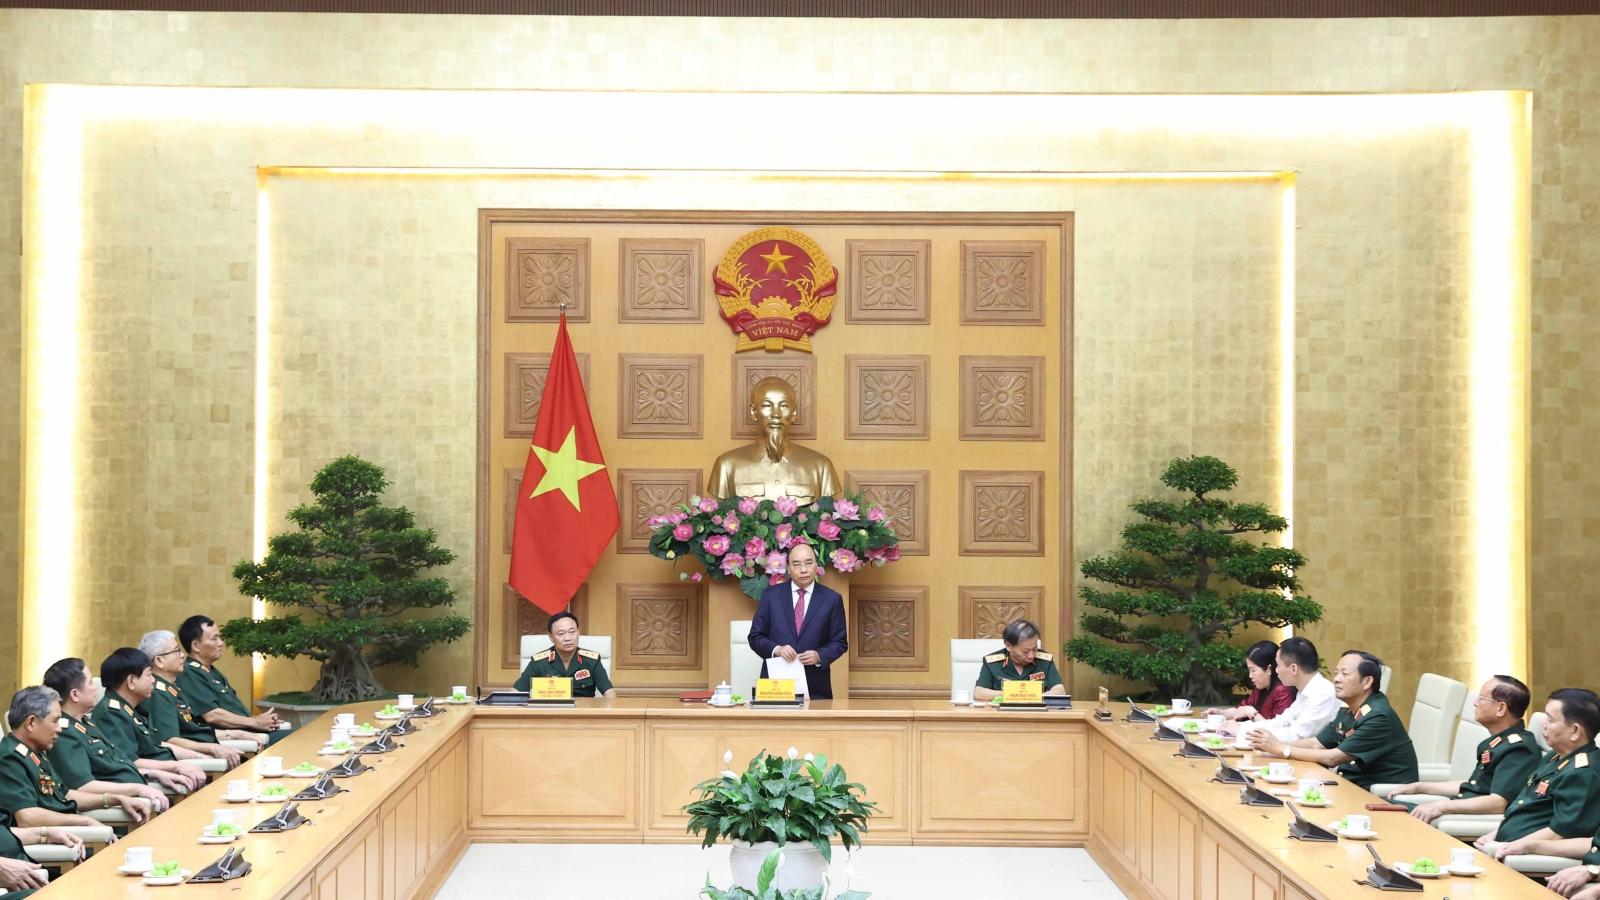 Thủ tướng Nguyễn Xuân Phúc tiếp Đoàn tướng lĩnh, sỹ quan Cục Tác chiến